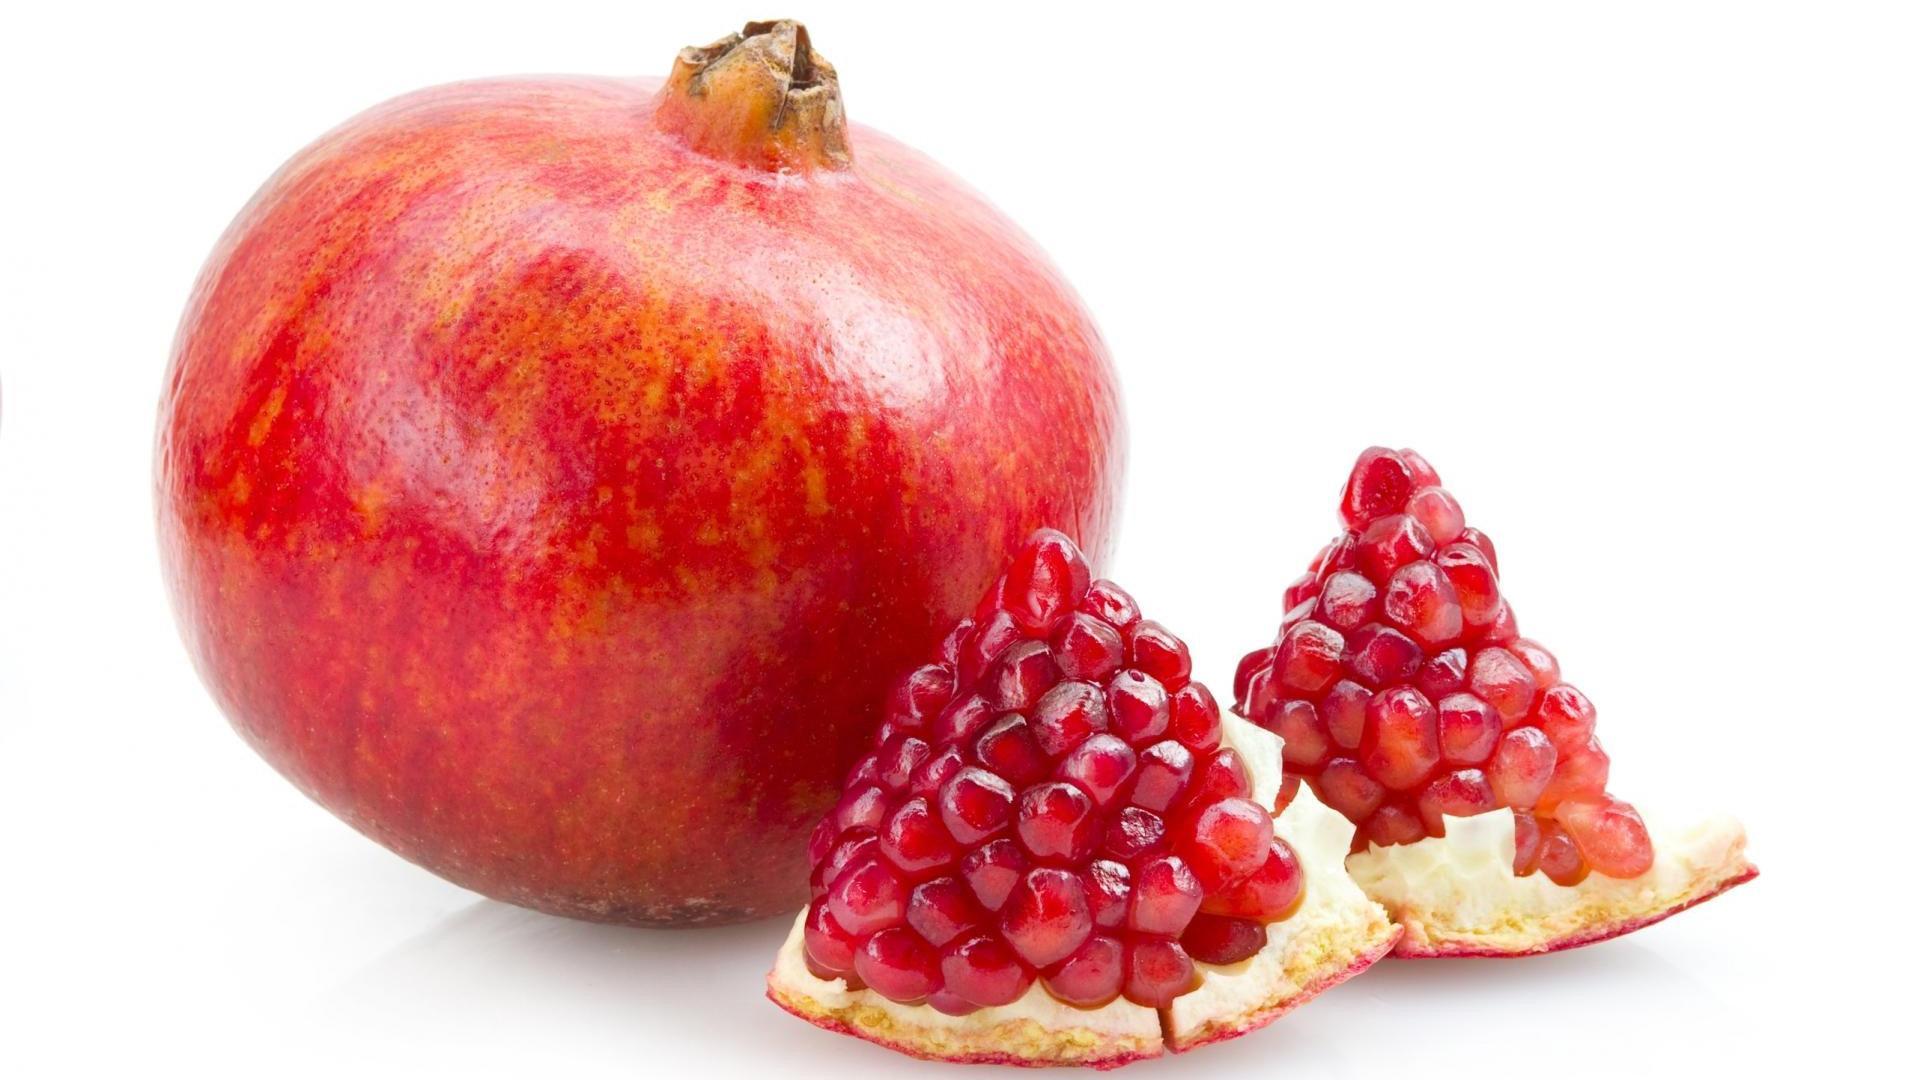 姨妈光临时,吃这些水果会让你痛到直不起腰哦